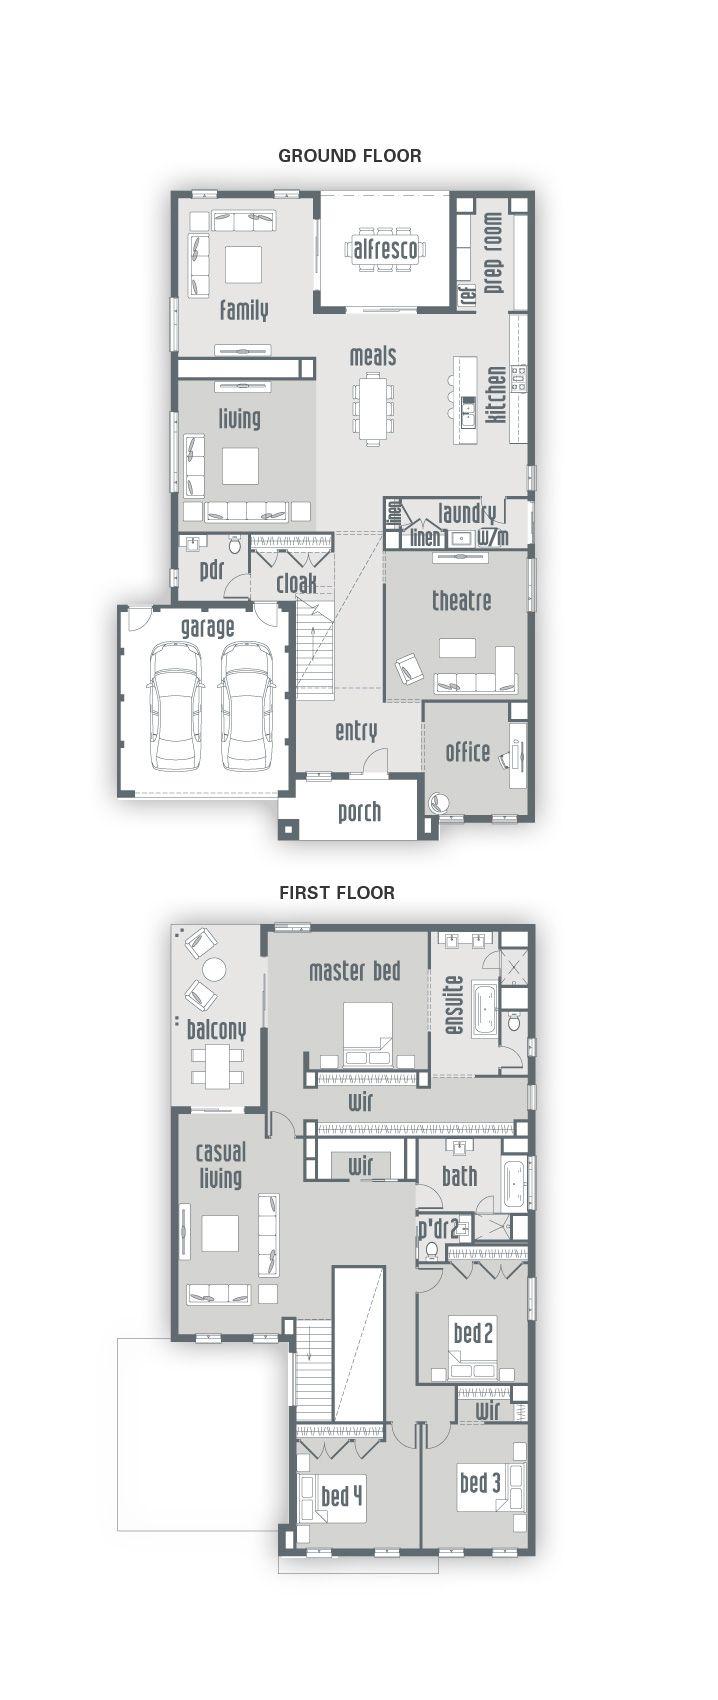 Building House Sogo | New Home Designs | Urbanedge Homes - Melbourne ...